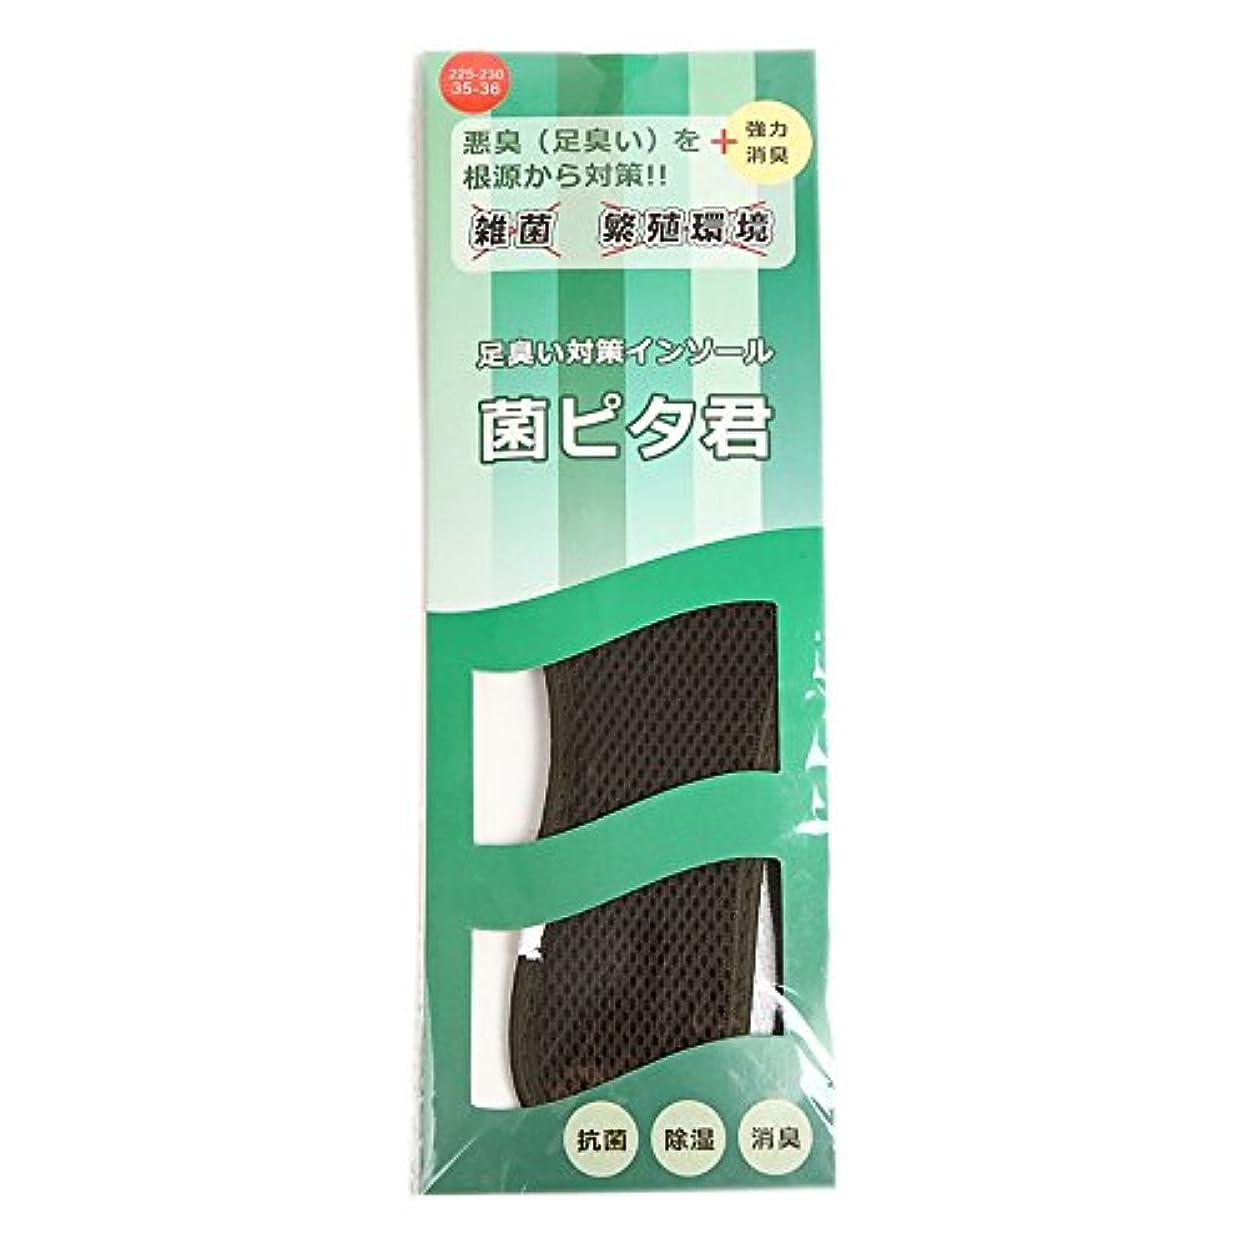 所持スナップ自発的足臭い対策インソール(靴の中敷) 菌ピタ君 1足分(2枚入) (29.5~30cm)